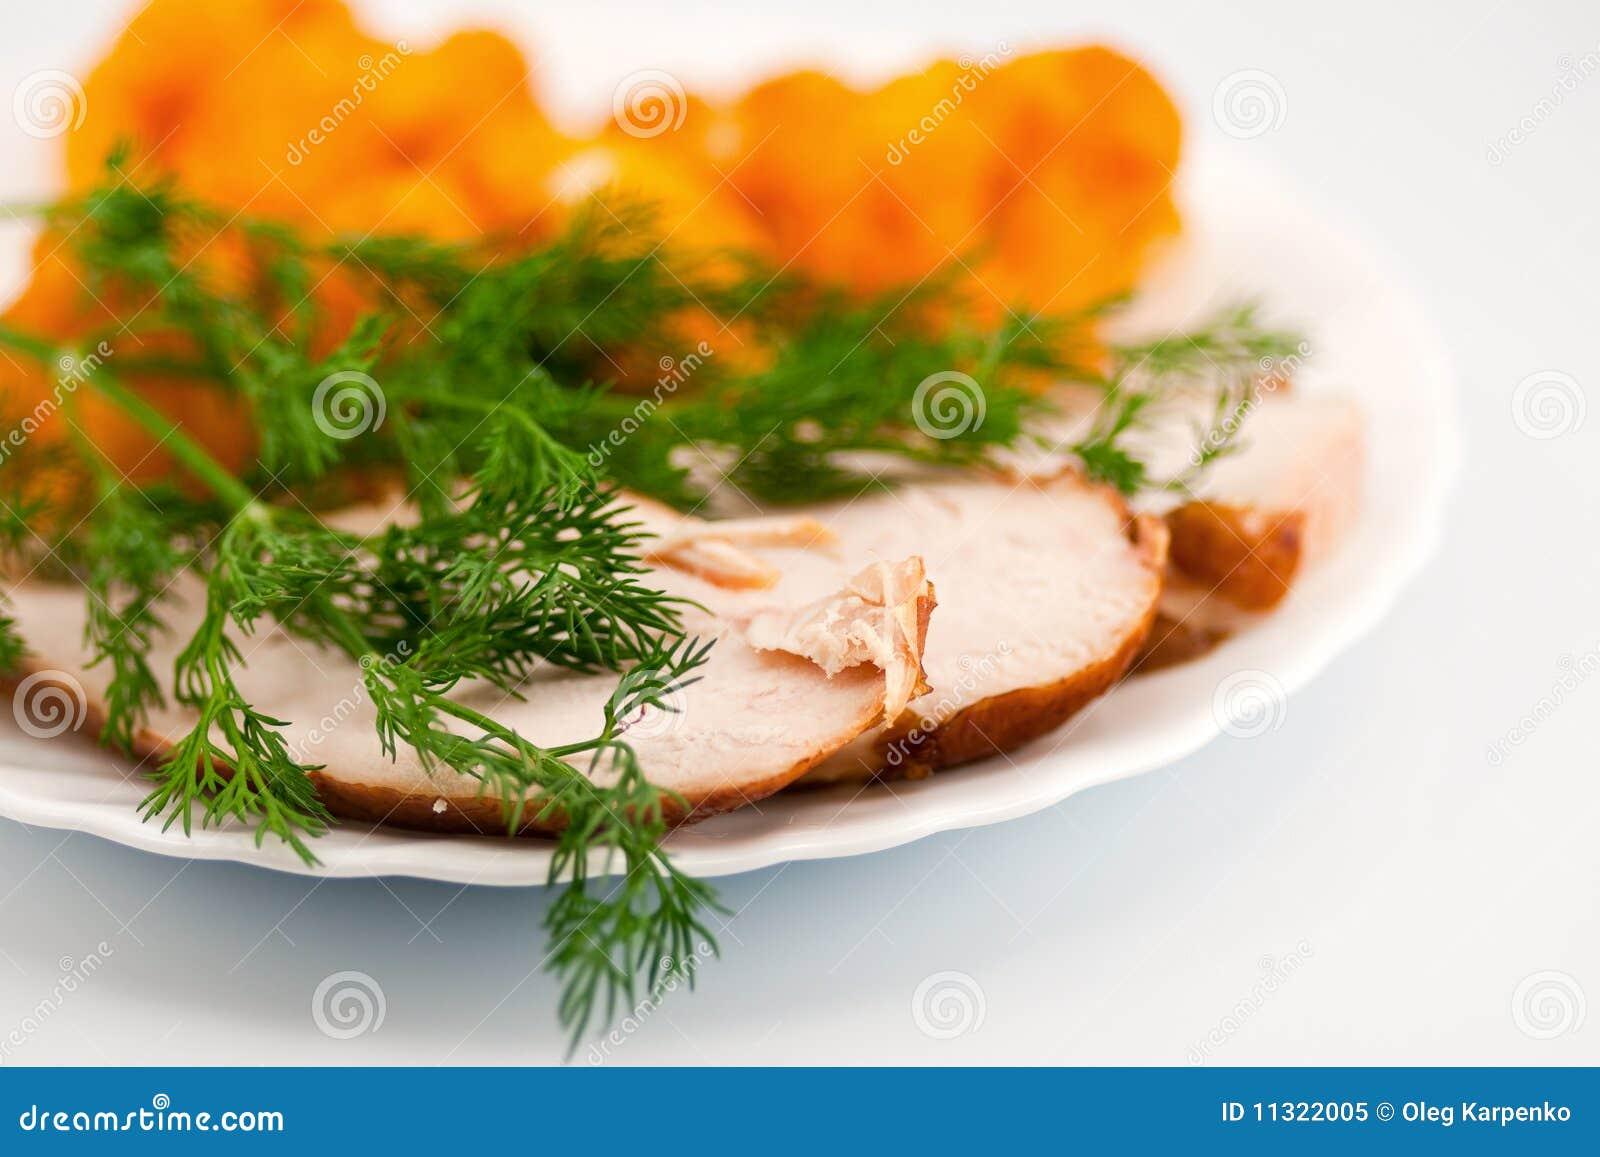 Rosted Blumenkohl mit chiken Fleisch und Dill